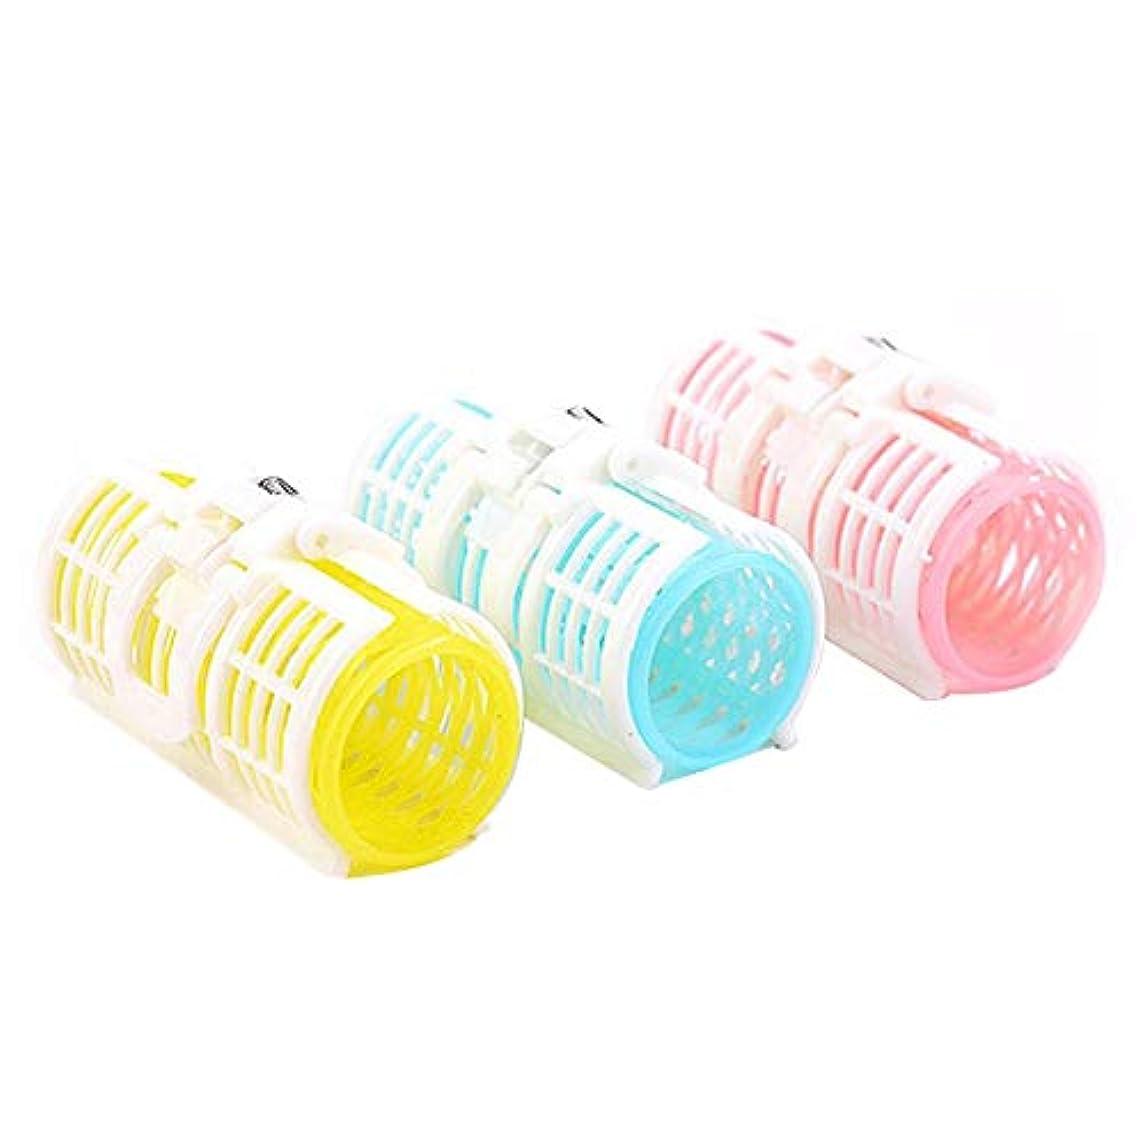 悪い胆嚢招待小さなプラスチック製のクリップヘアケア製品の持続可能な利用3の巻き毛カールツールロール爆発